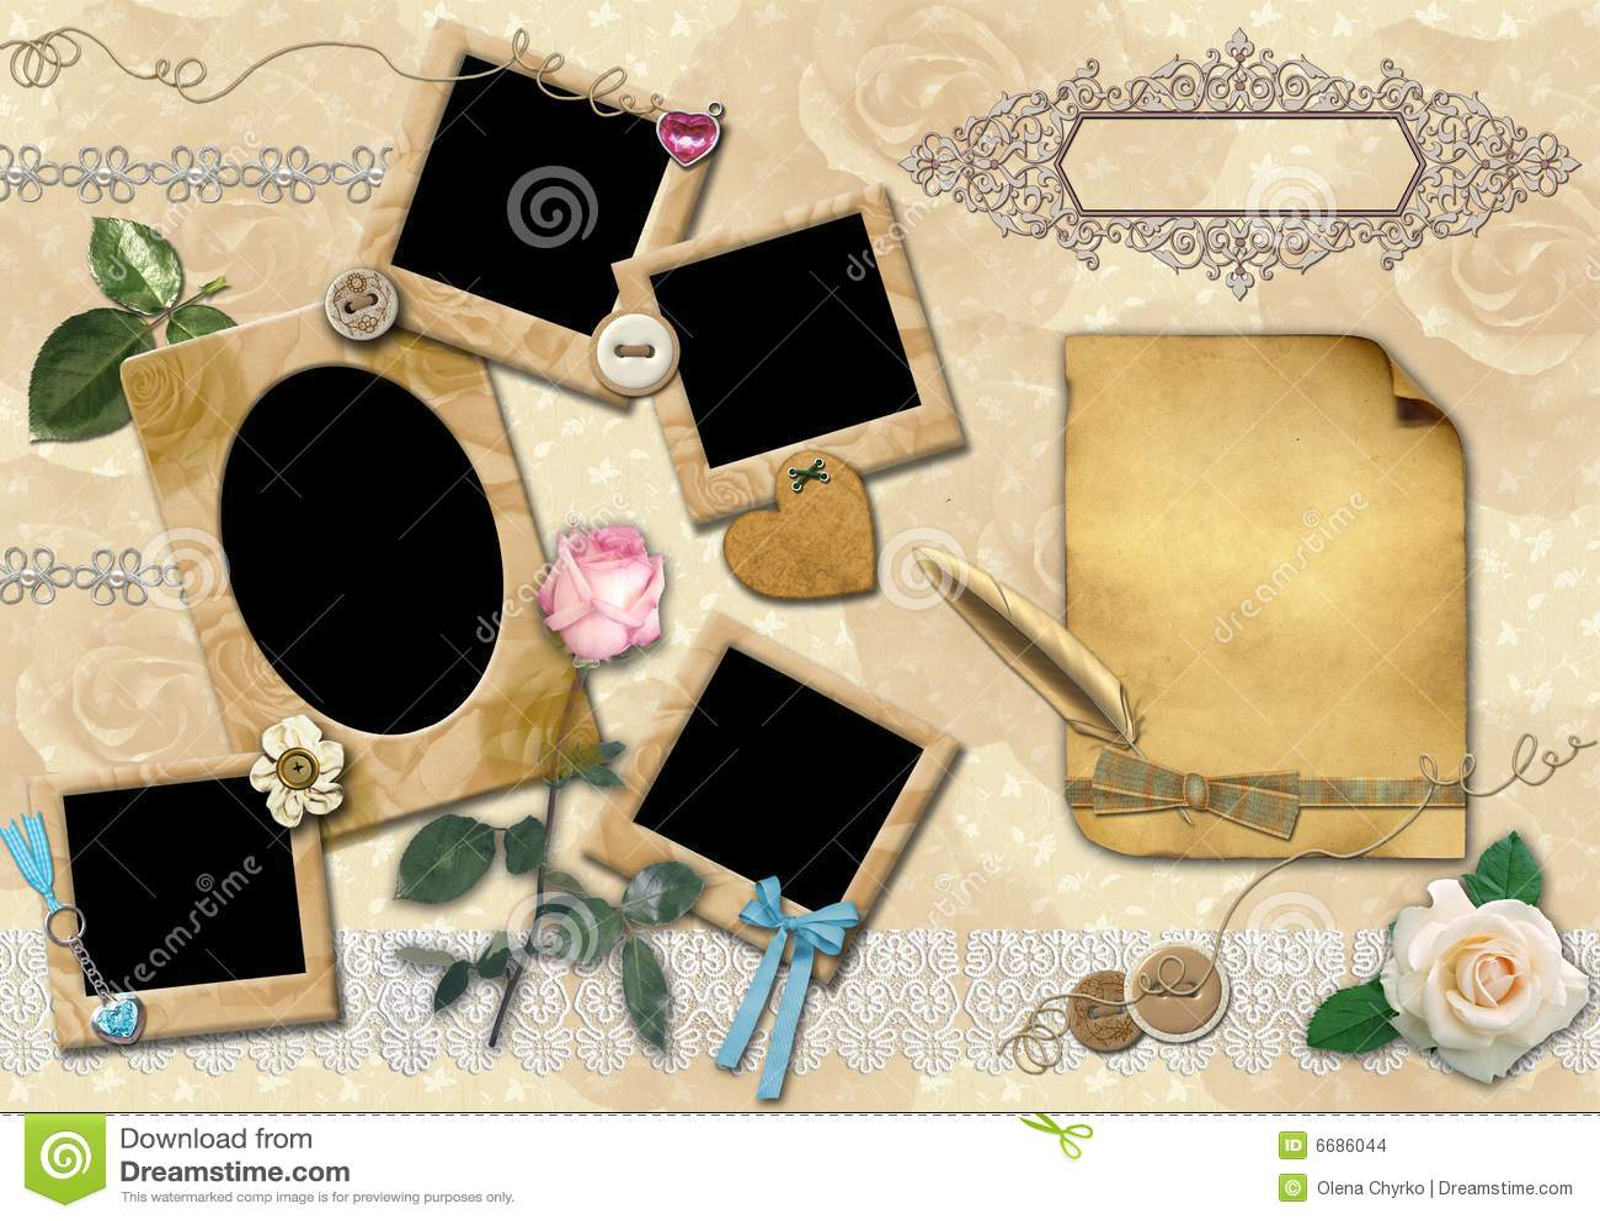 Dorable Plantilla De Collage De Fotos Gratis Modelo - Ejemplo De ...